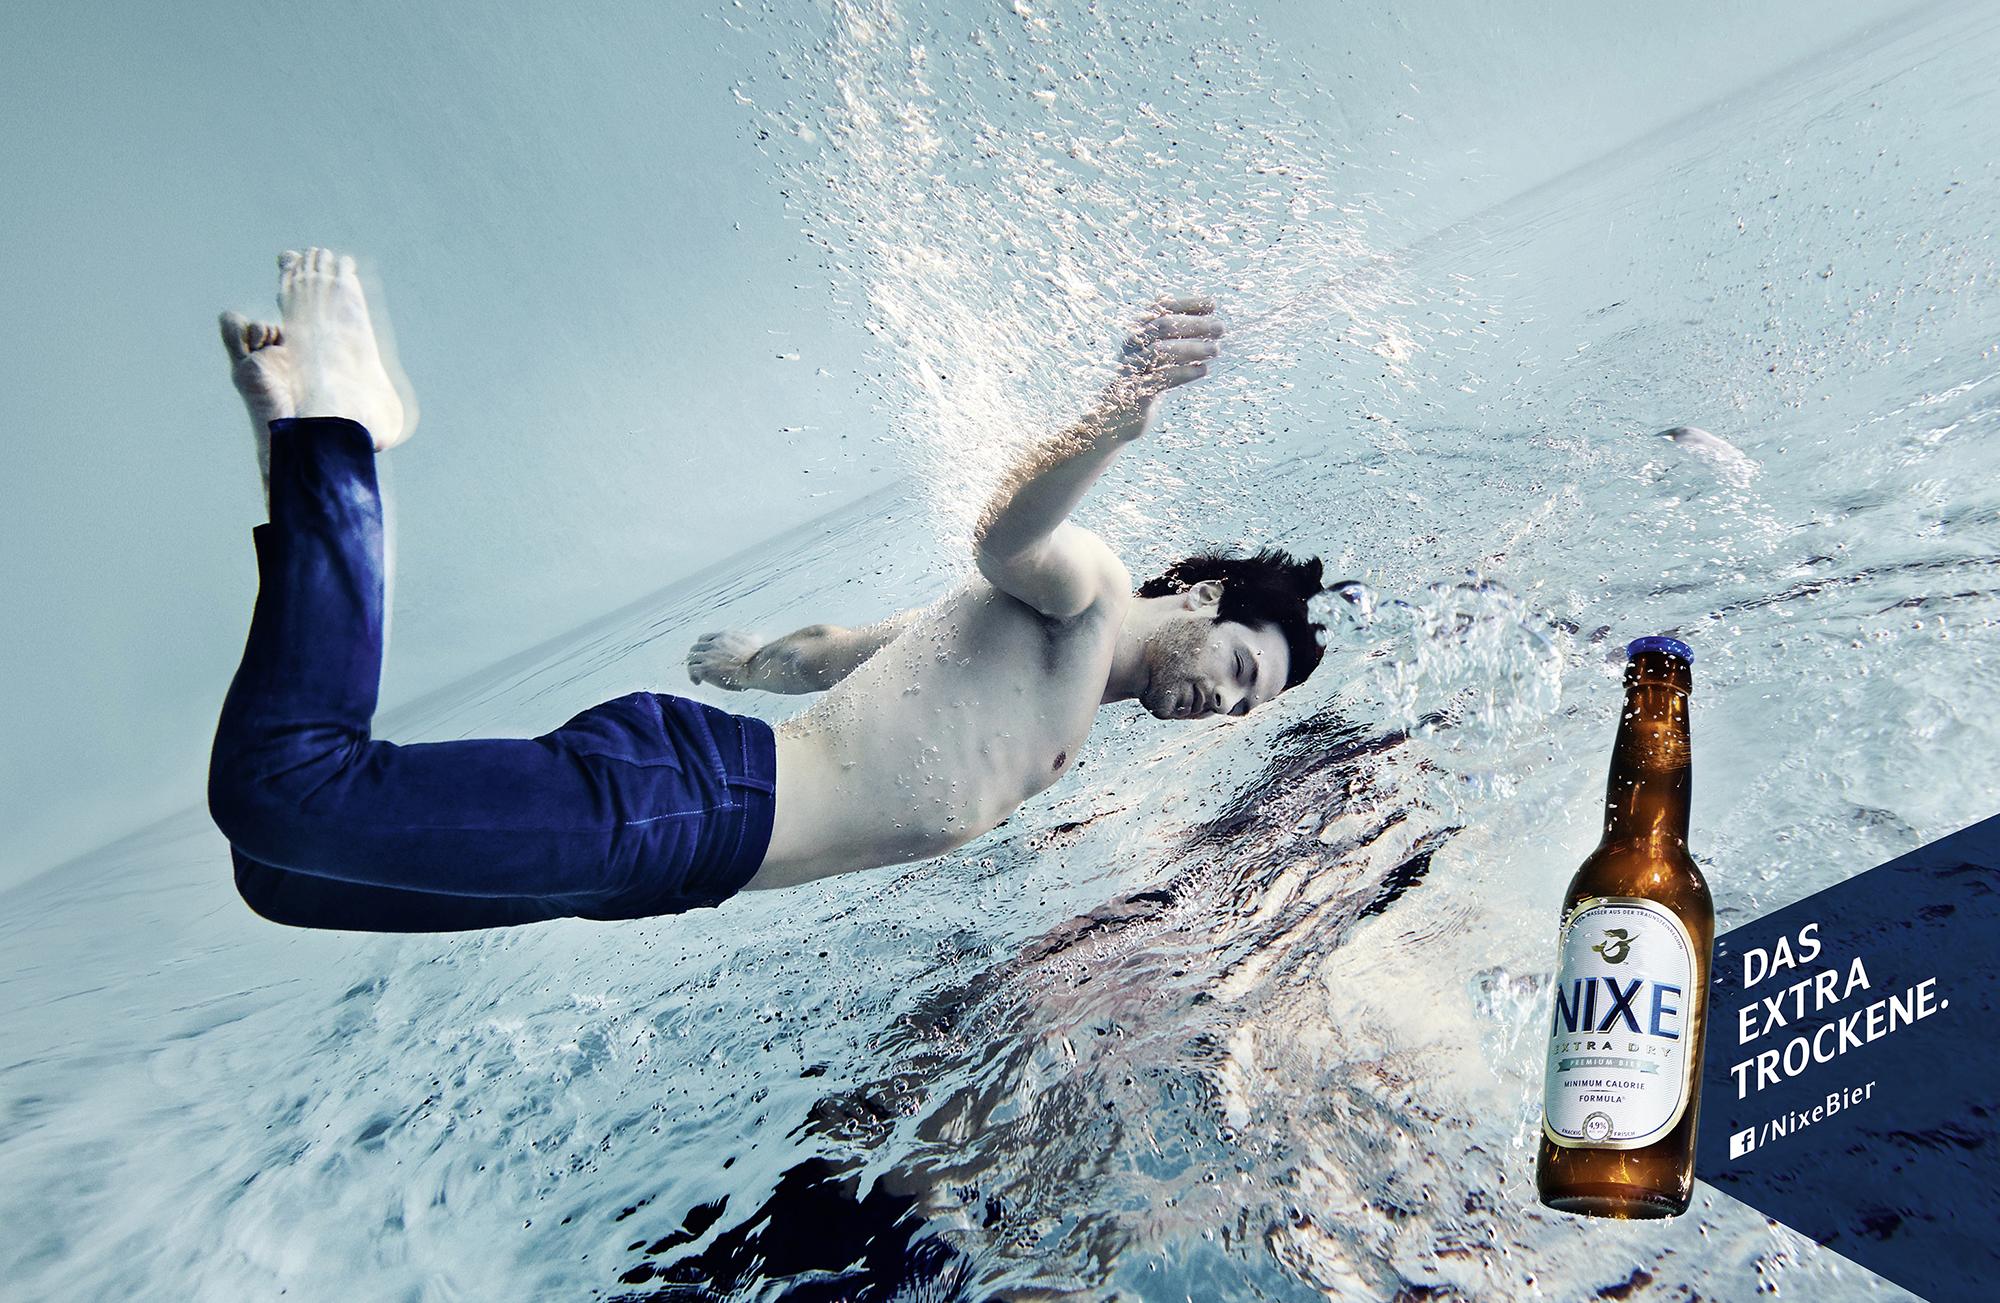 NIXE Underwater boy